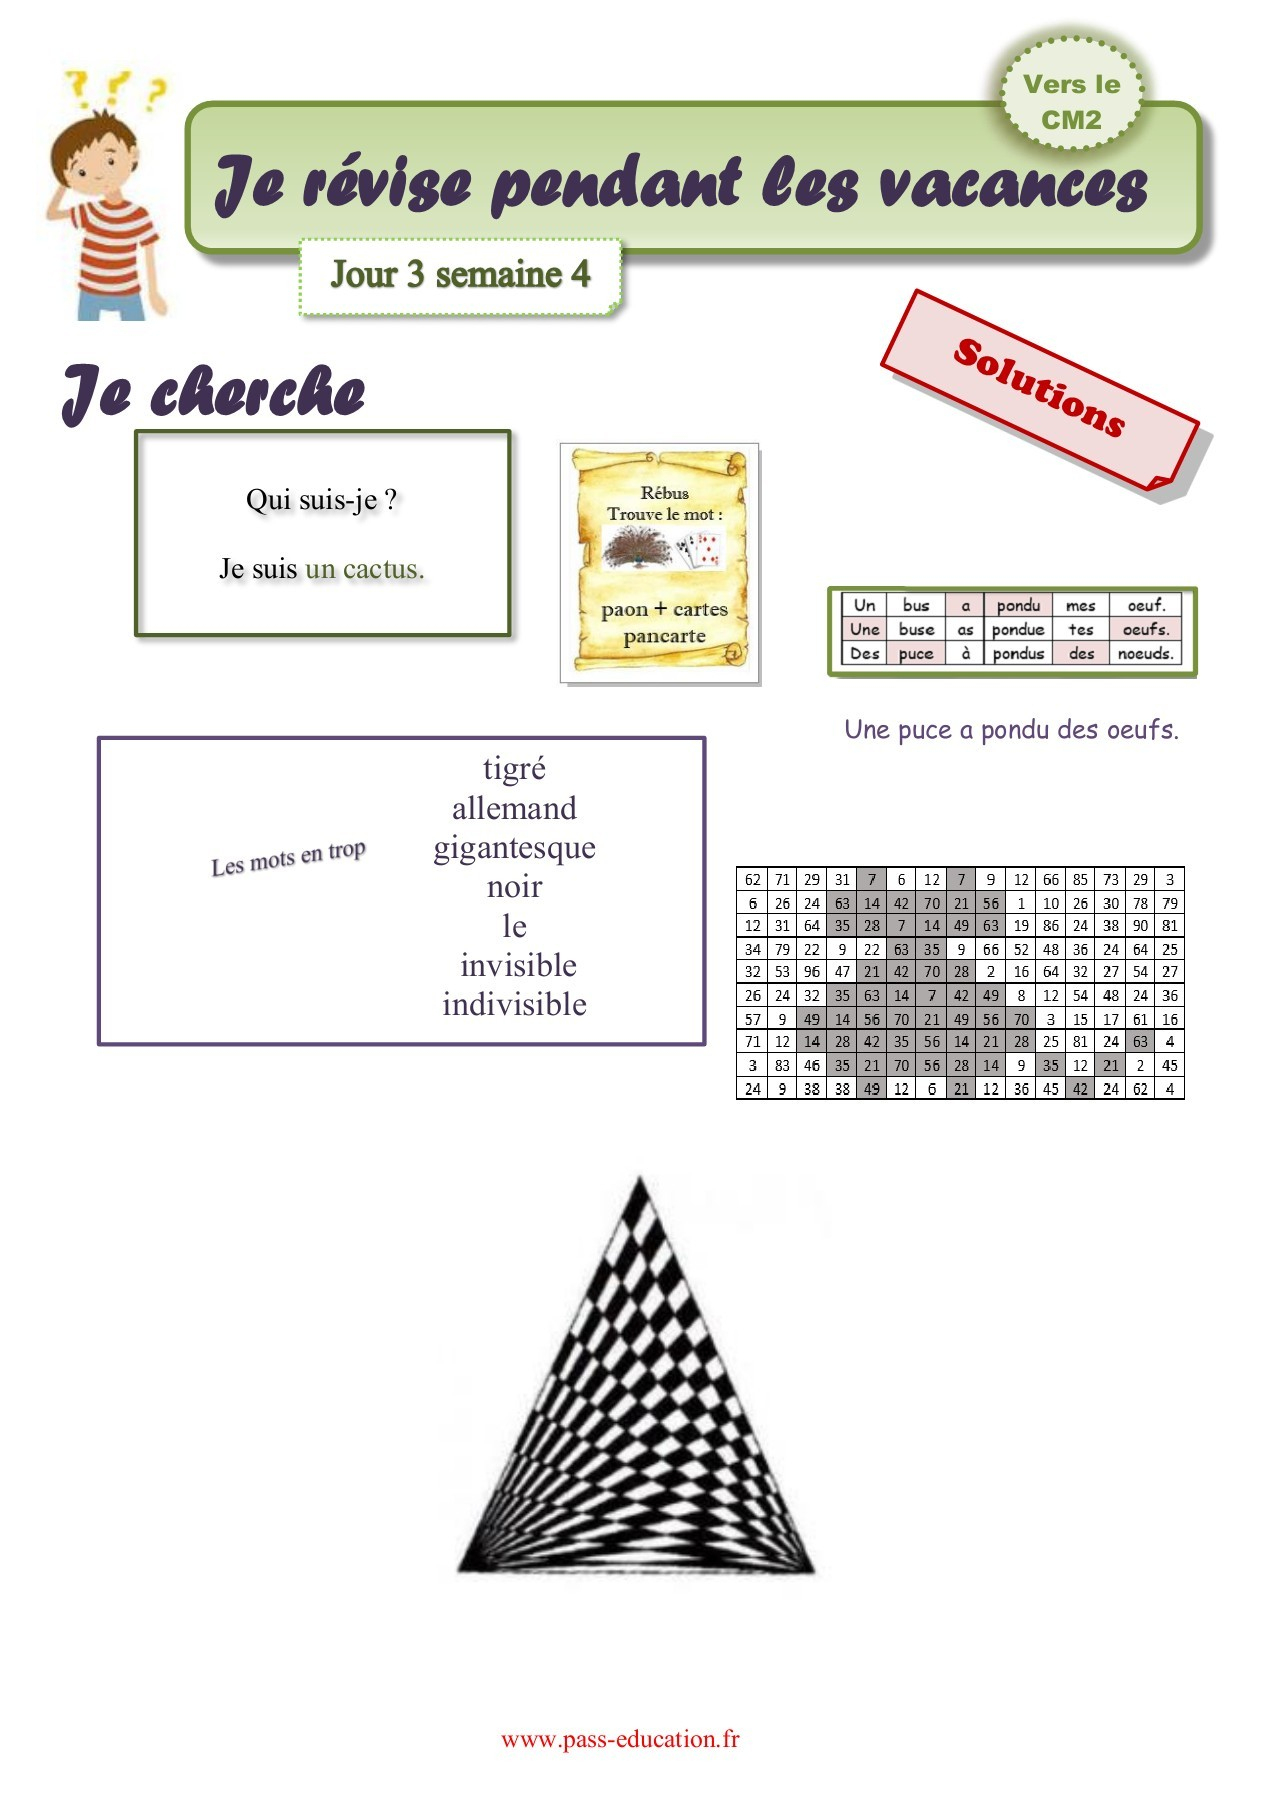 Cahier De Vacances Gratuit À Imprimer - Cm1 Vers Le Cm2 encequiconcerne Cahier De Vacances Gratuit A Imprimer 6Eme 5Eme